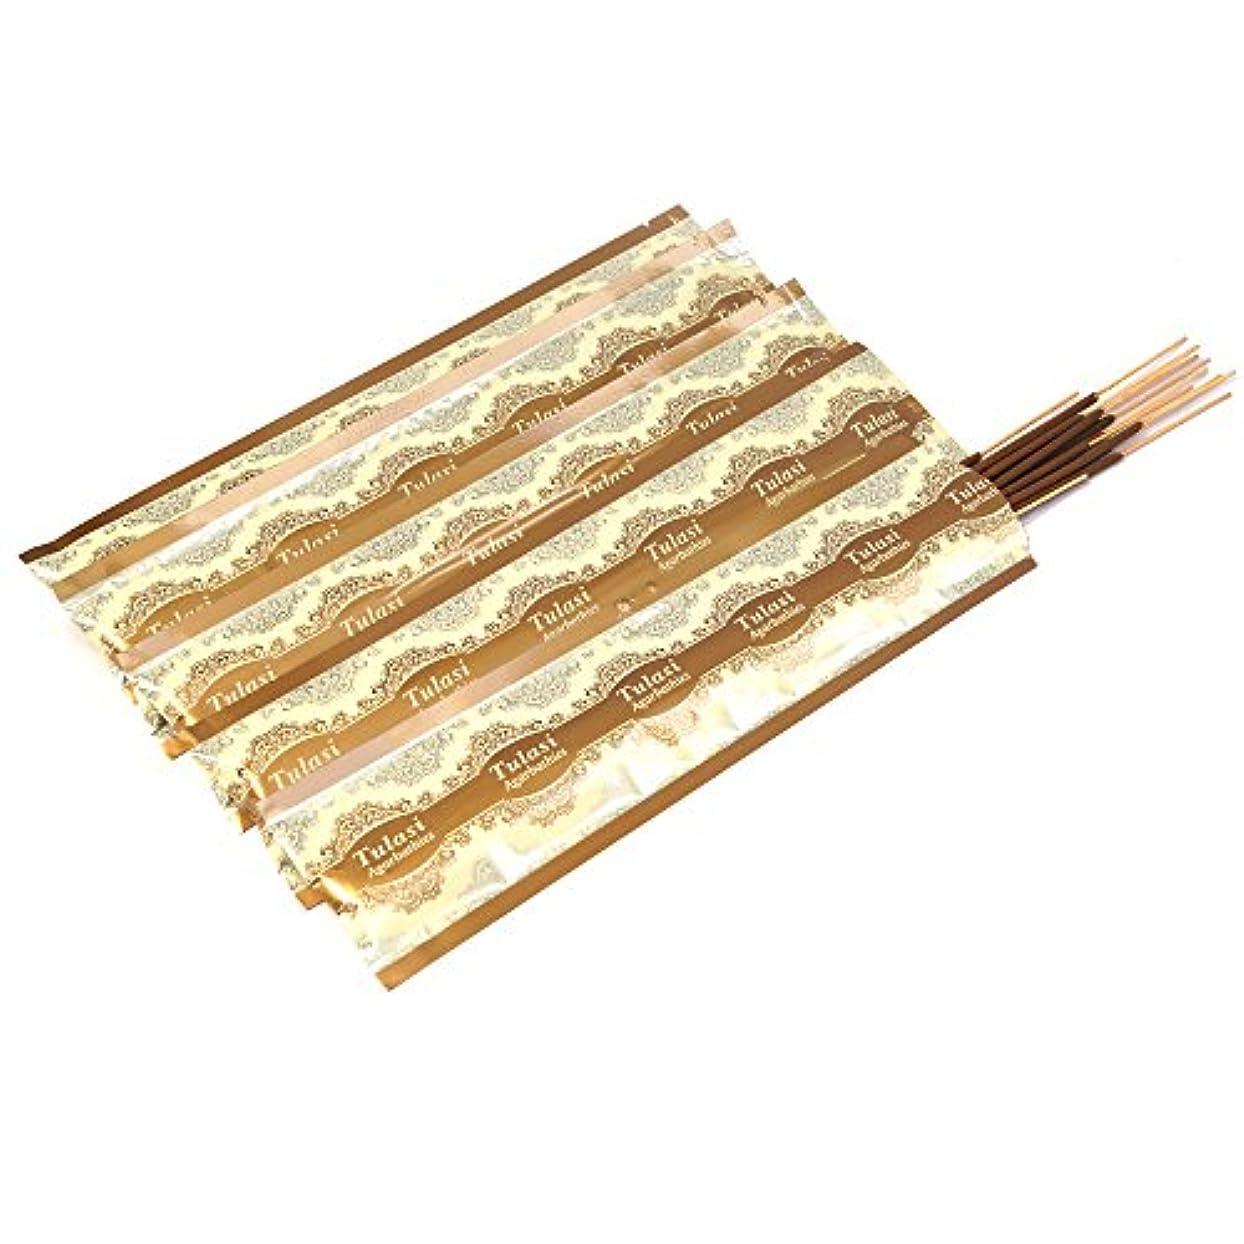 アジアアーチピクニックをするFree Nag Champa variety Gift Pack in Herbal TreatジャンボAgarbatti | Incense Sticks Set of 15 Fragrances by Ikshvaku